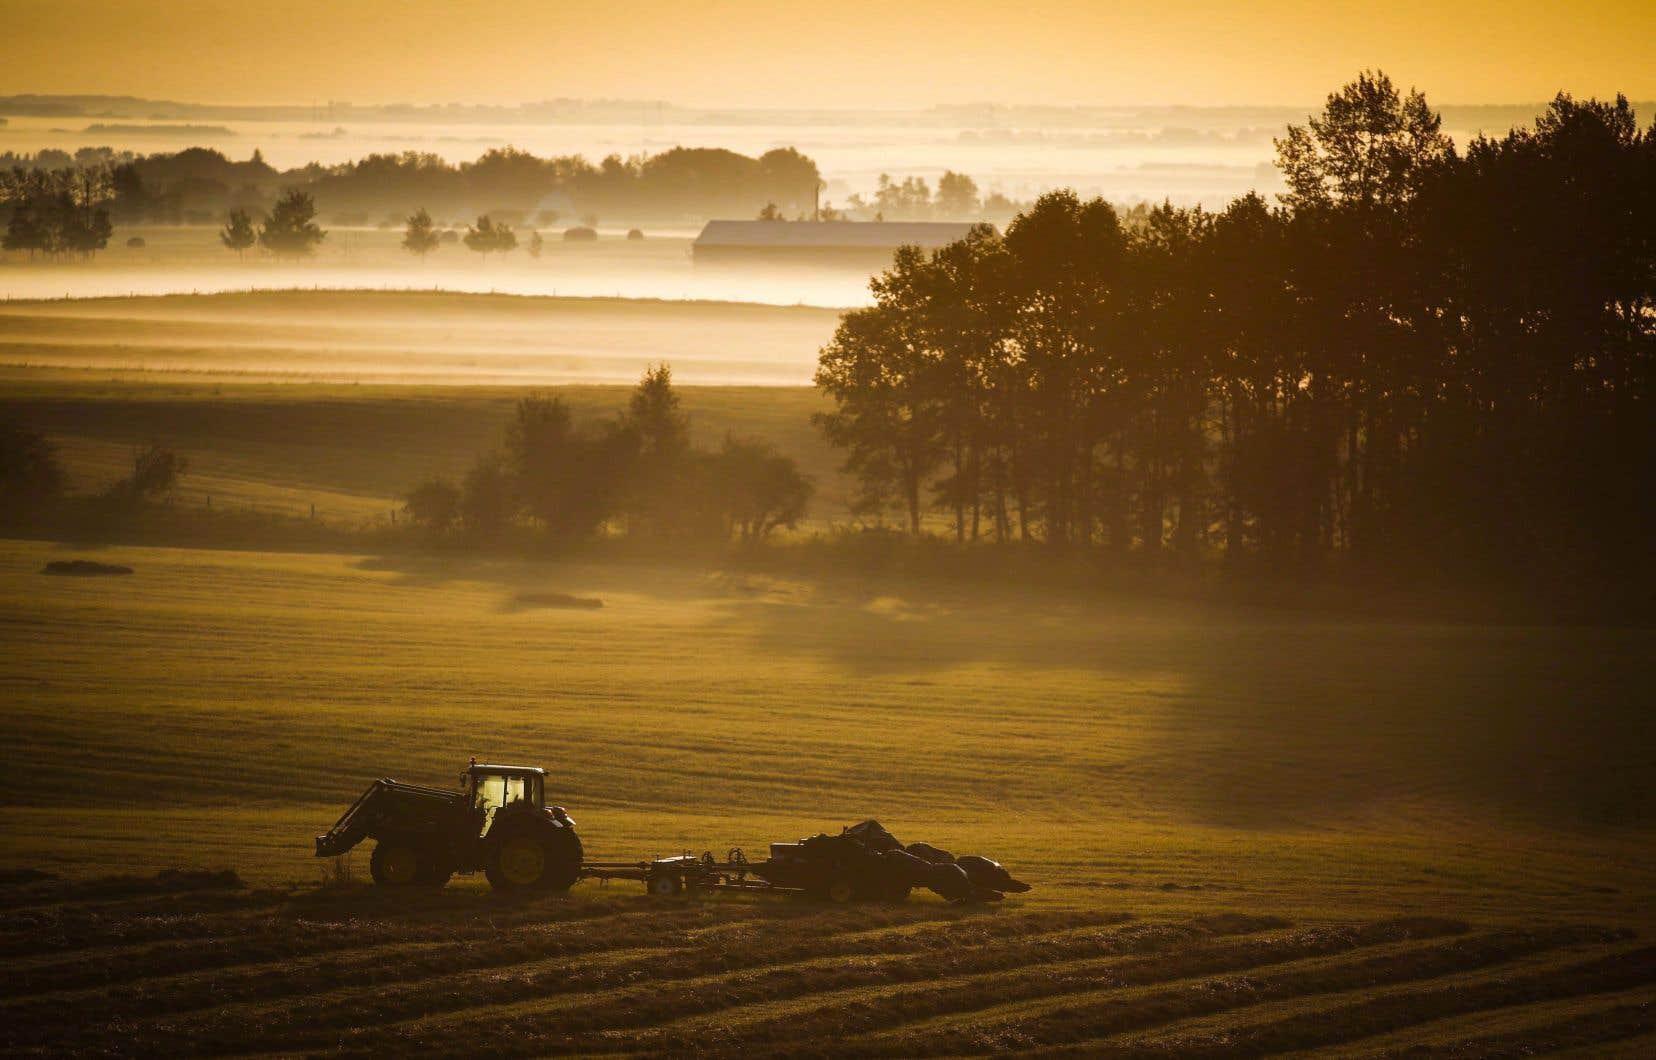 «La gestion de l'offre est certainement aussi légitime que les milliards de dollars du Farm Bill qui subventionnent les agriculteurs américains», affirment les auteurs.